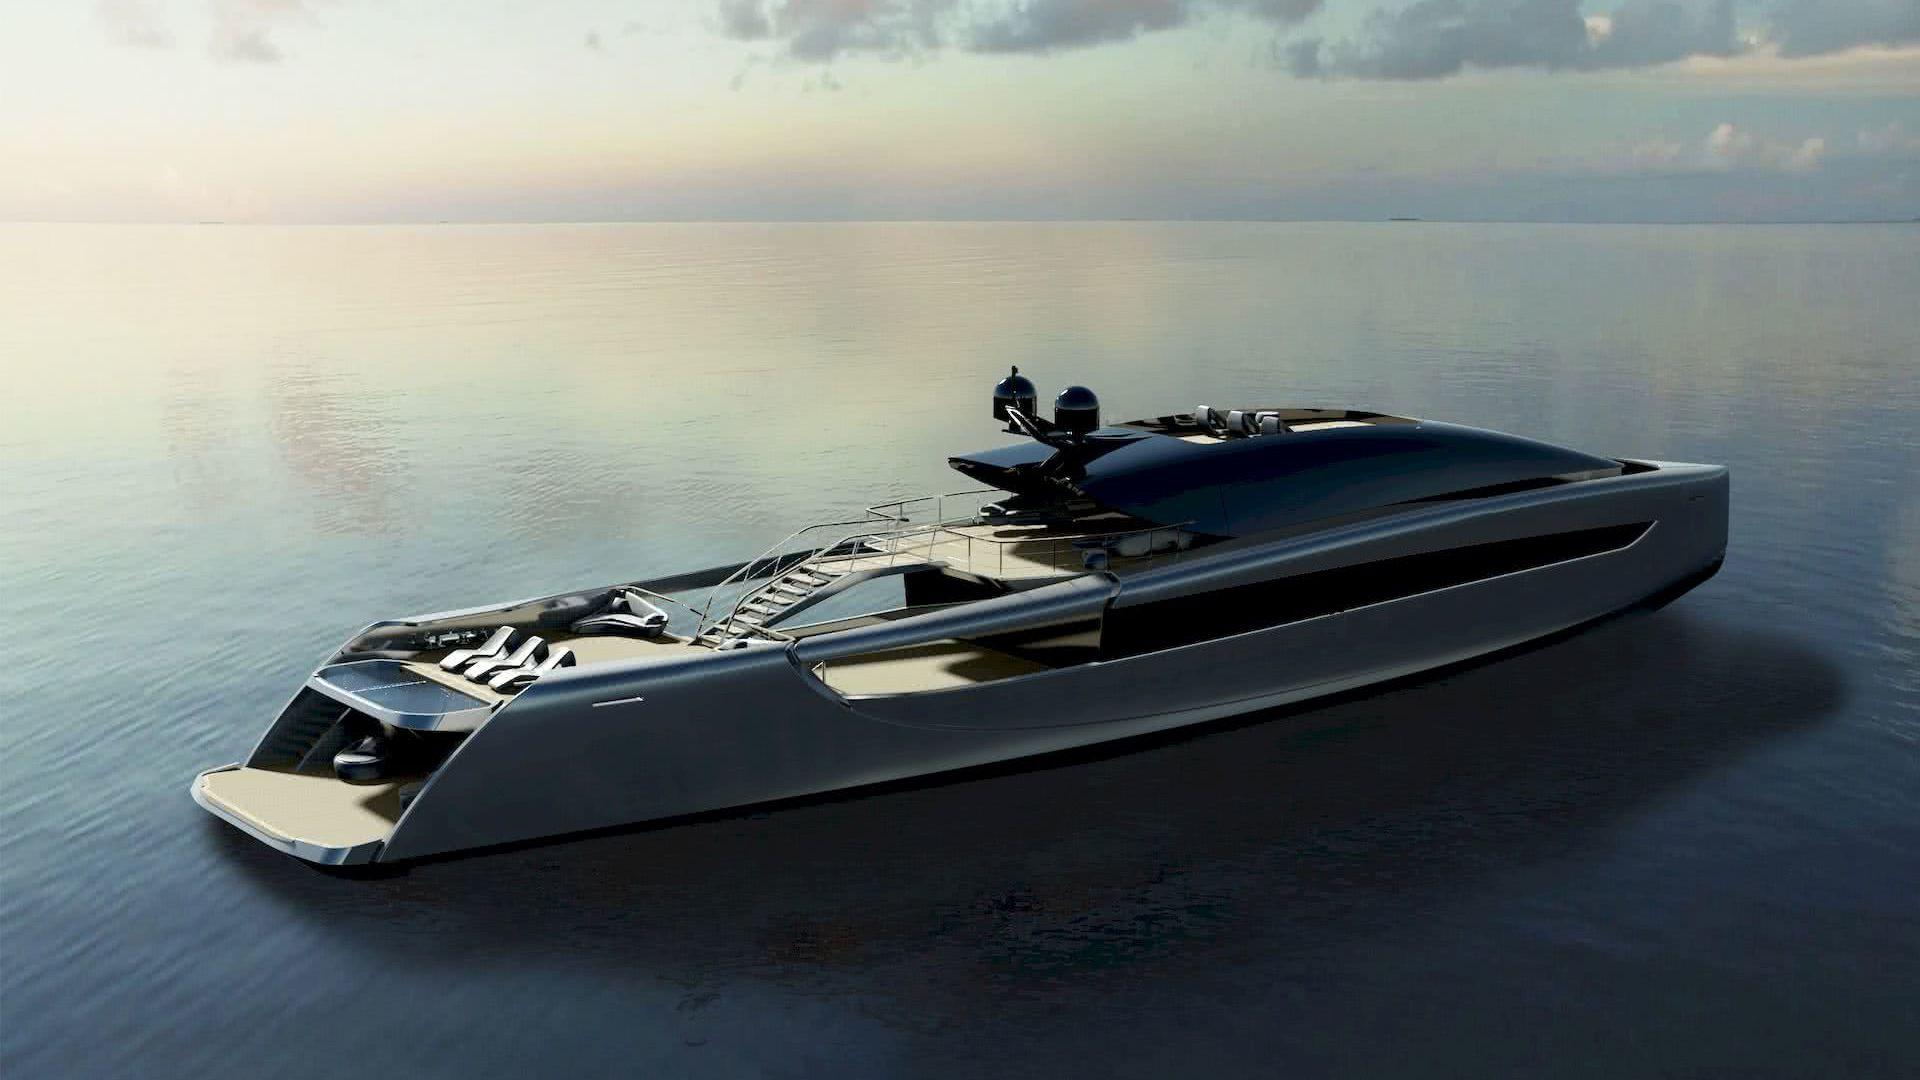 Imera Yacht Sebastiano Canto